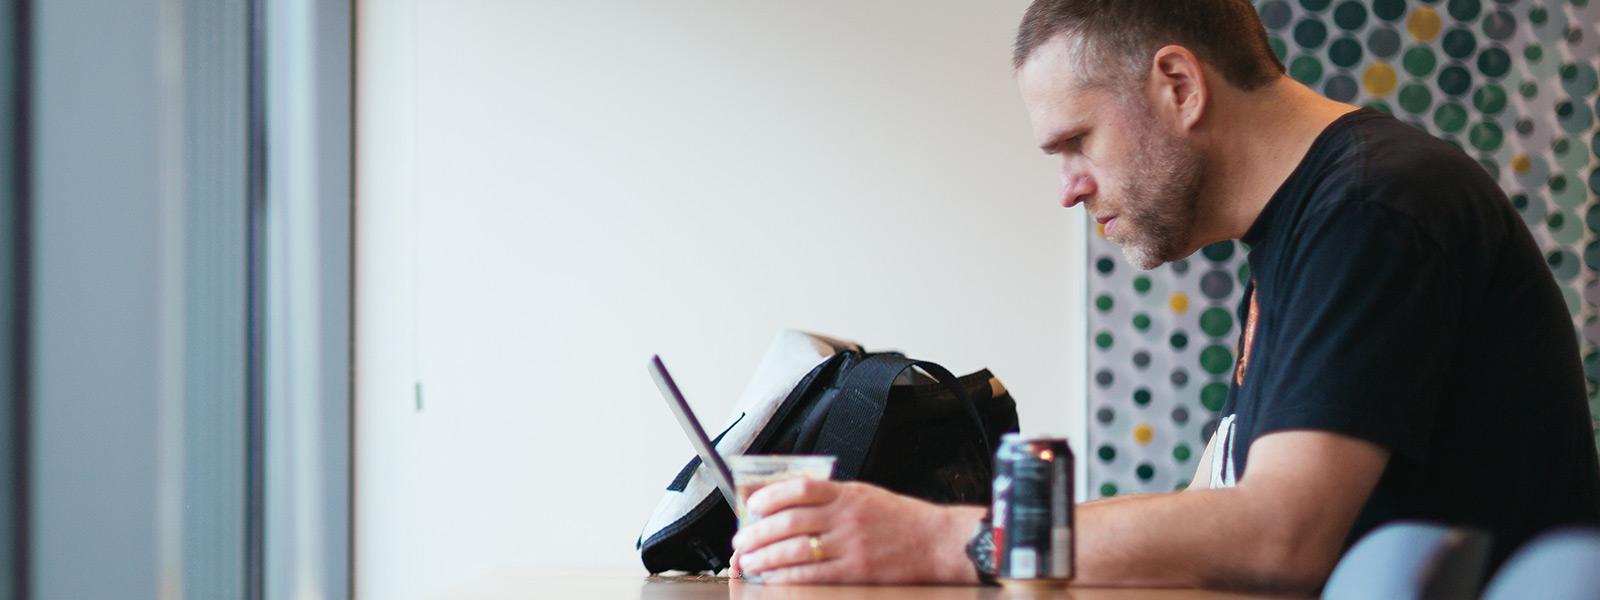 一名男士坐在桌邊,正在使用 Windows 10 電腦進行工作